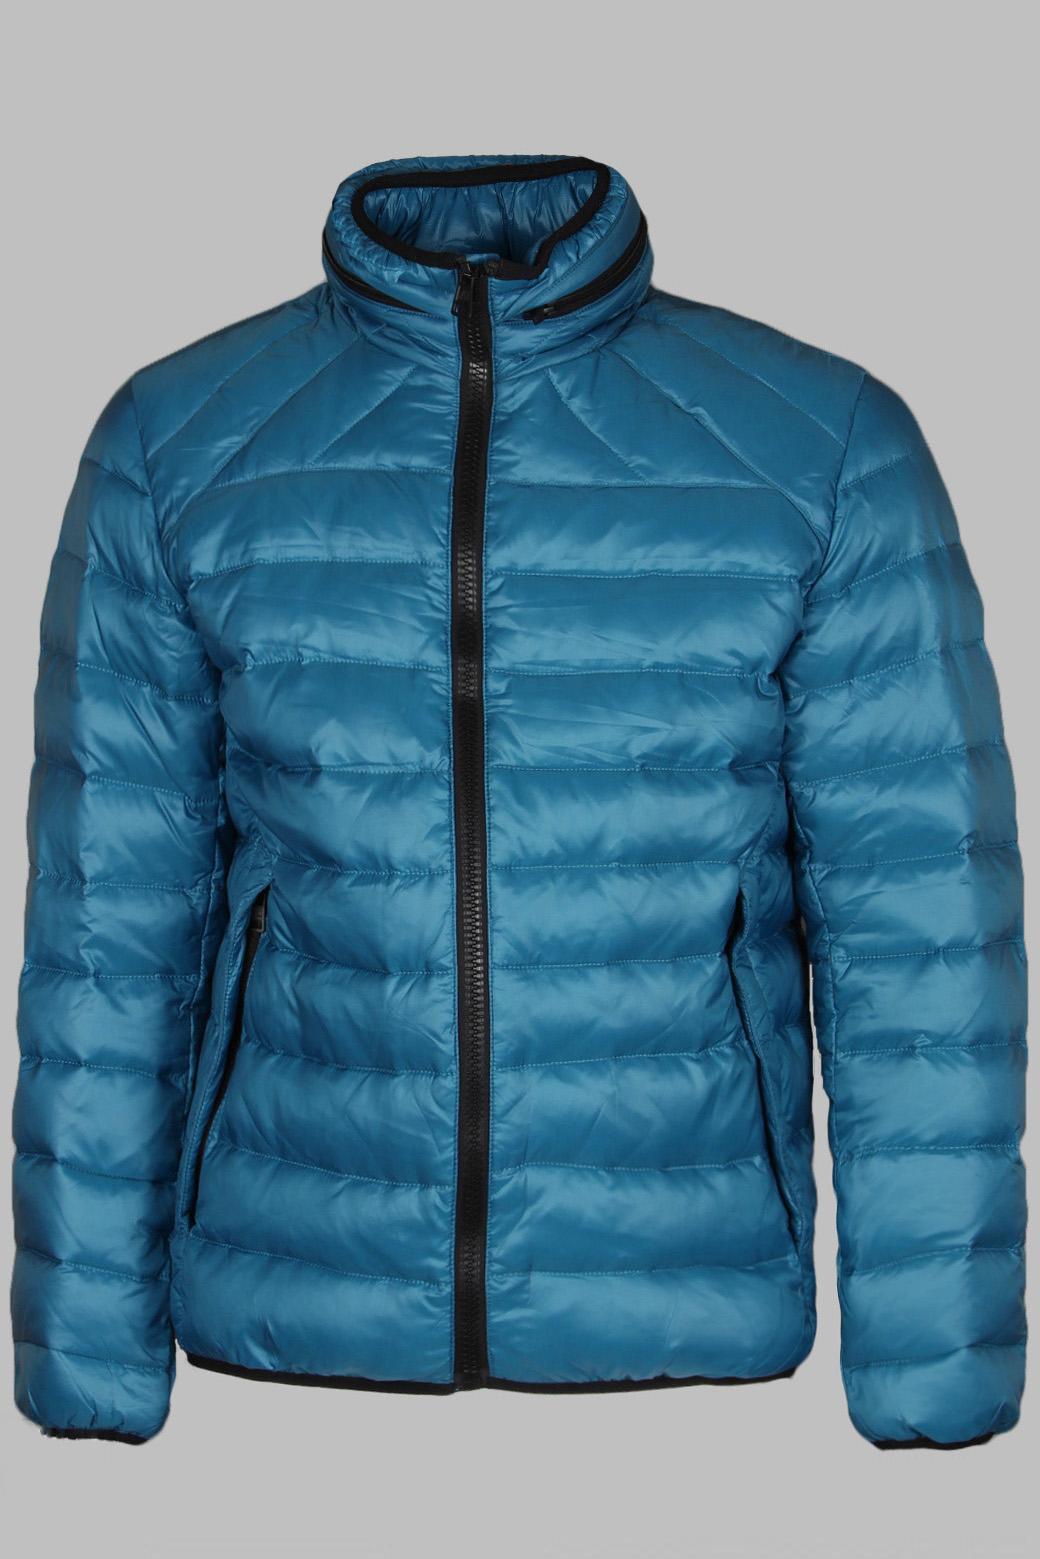 КурткаКуртки<br>Мужская стеганная куртка с длинными рукавами, застежкой на молнию и карманами. Капюшон в воротнике под молнией. Отличный выбор для повседневного гардероба.  Наполнитель 80% пух, 20% перо.  Цвет: синий<br><br>По сезону: Осень,Весна<br>Размер : 46,48,50<br>Материал: Болонья<br>Количество в наличии: 5